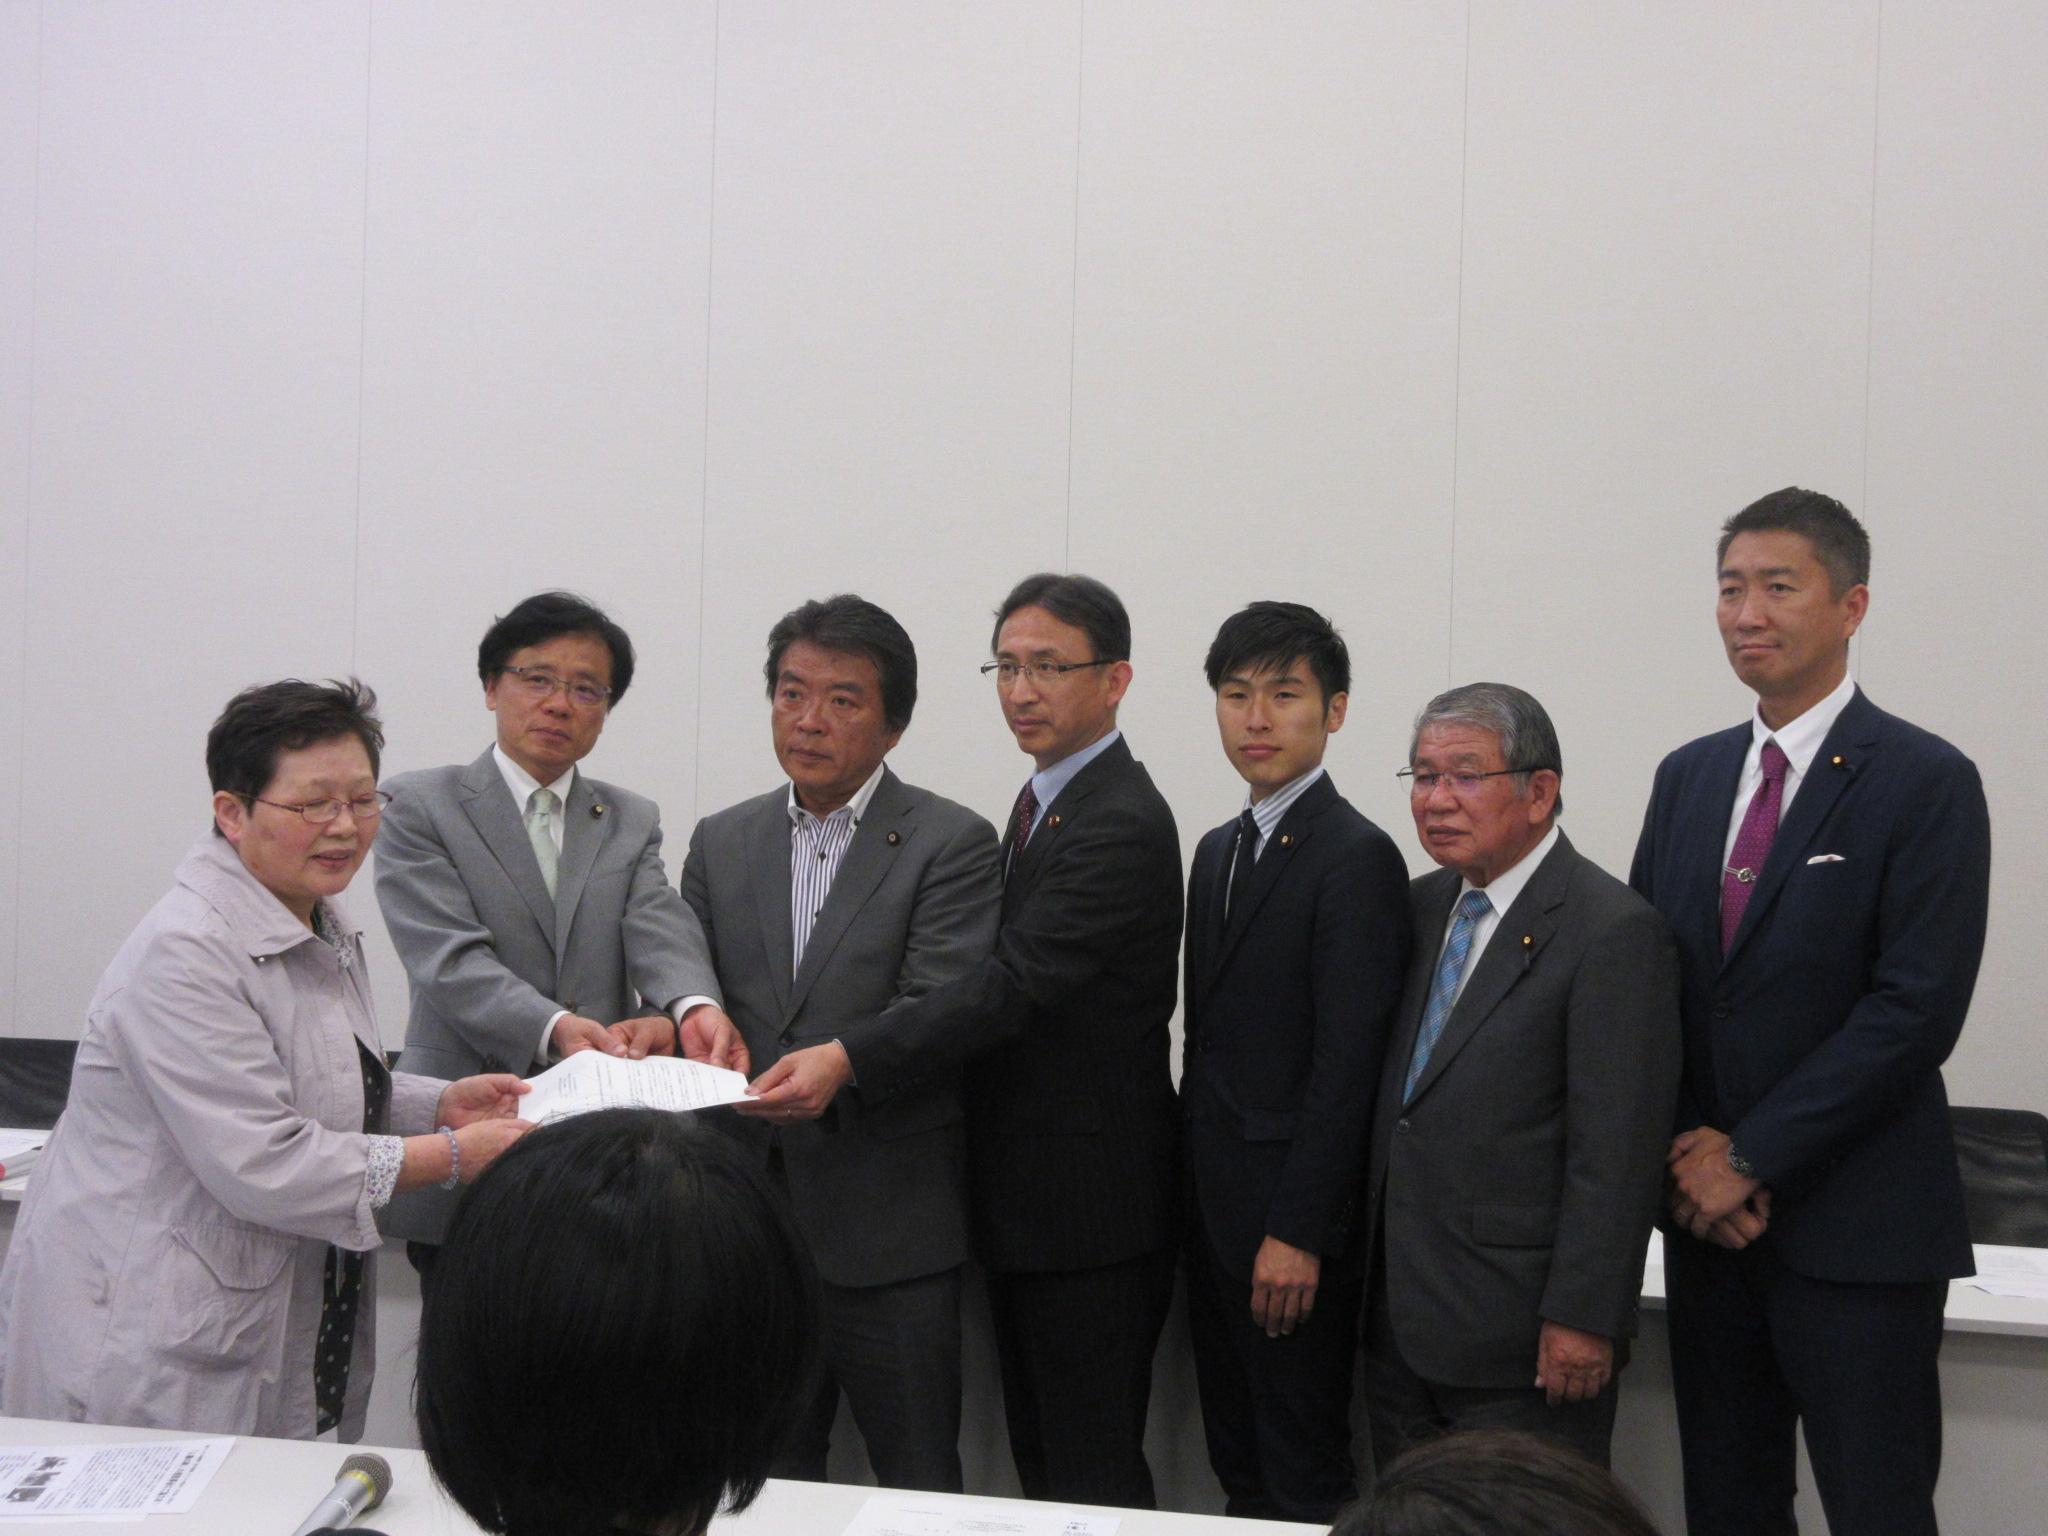 http://www.inoue-satoshi.com/diary/IMG_9510.JPG